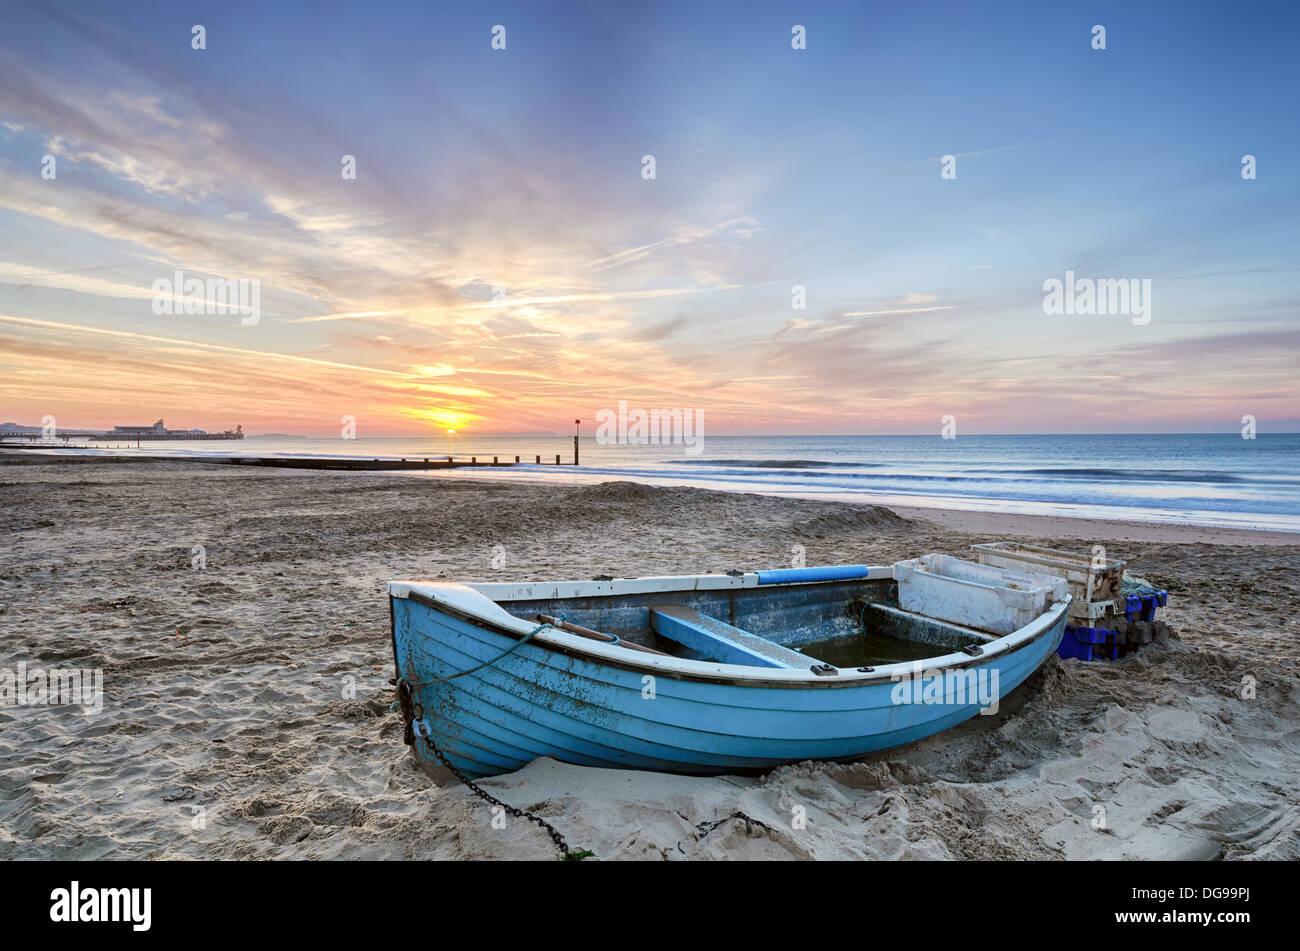 El azul turquesa del barco de pesca al amanecer en la playa de Bournemouth con muelle en la lejanía Imagen De Stock